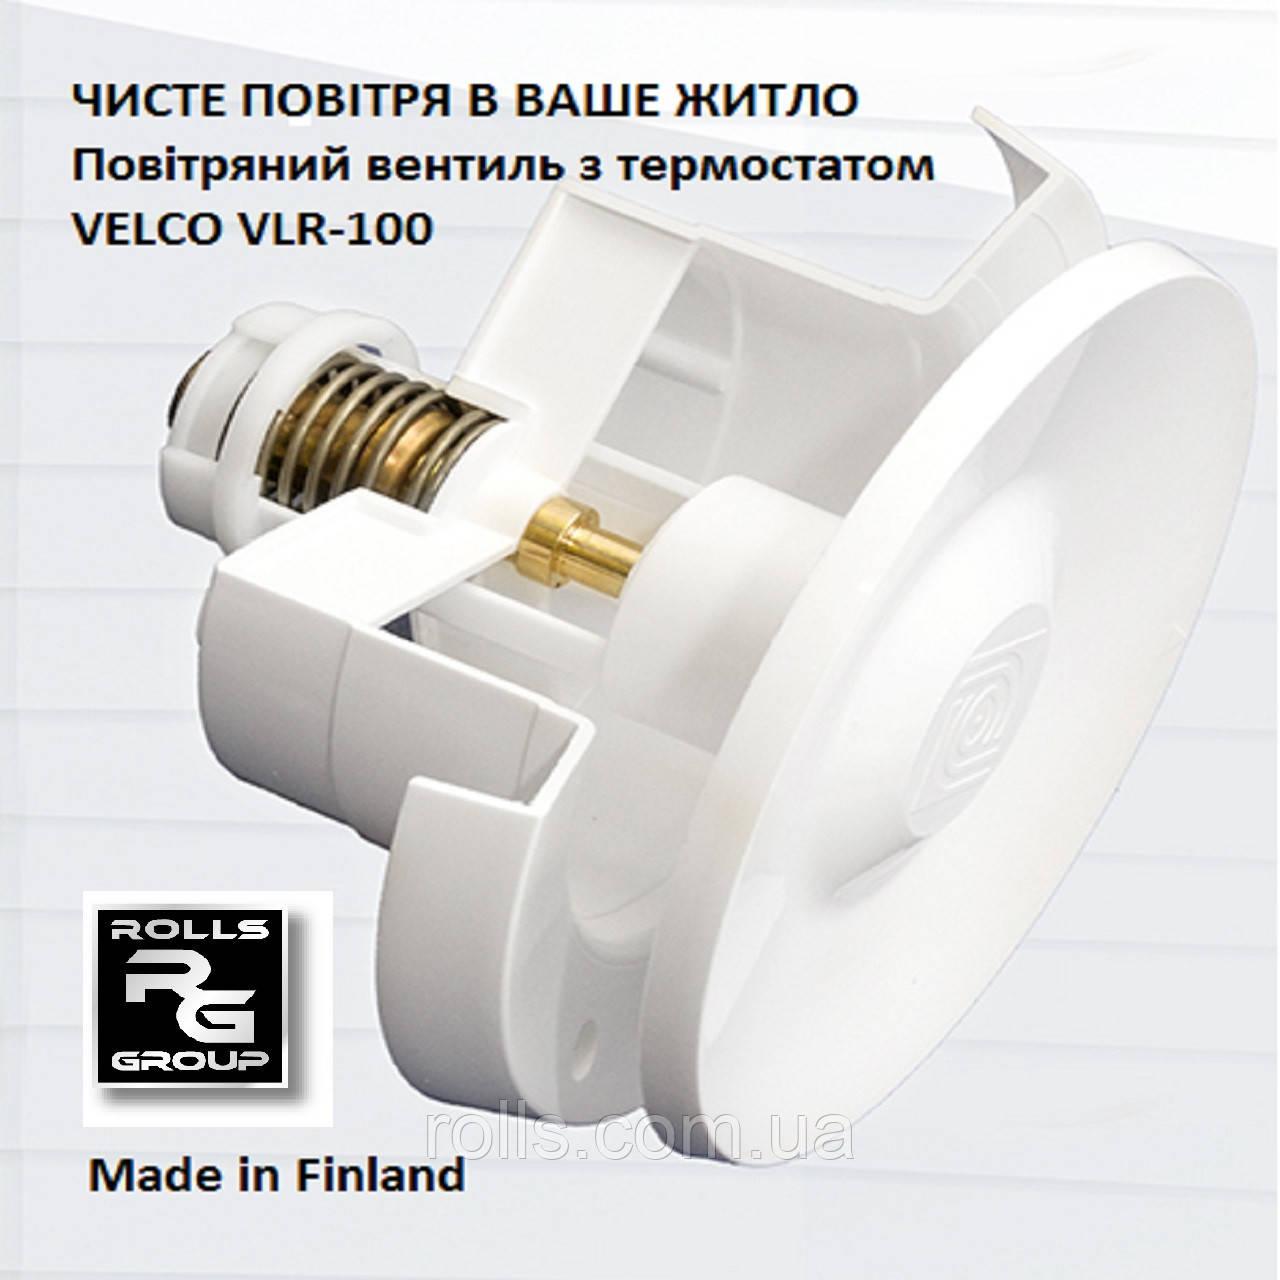 Velco VLR-100 VT Приточный клапан проветривания помещений автомат термостат фильтр поглотитель шума Finland